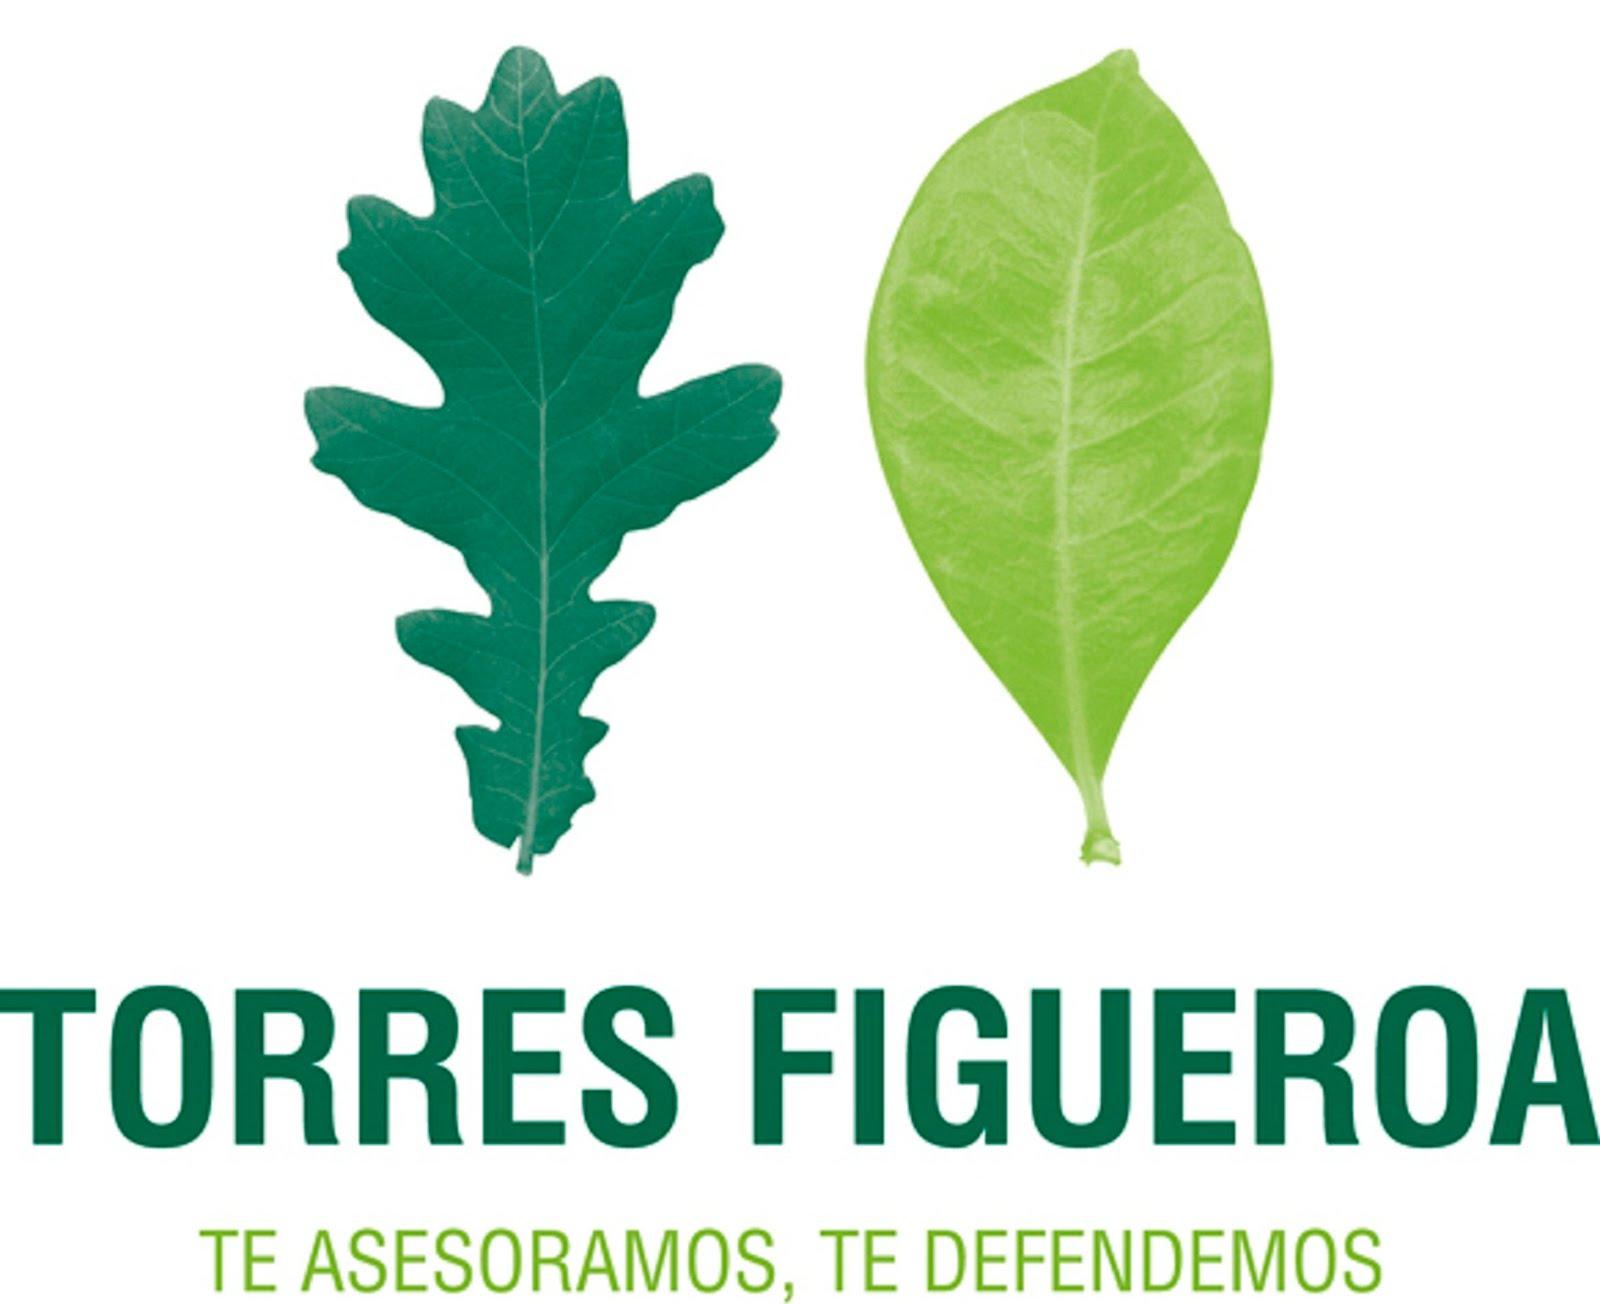 LA EMPERADORA - TORRES FIGUEROA ABOGADOS